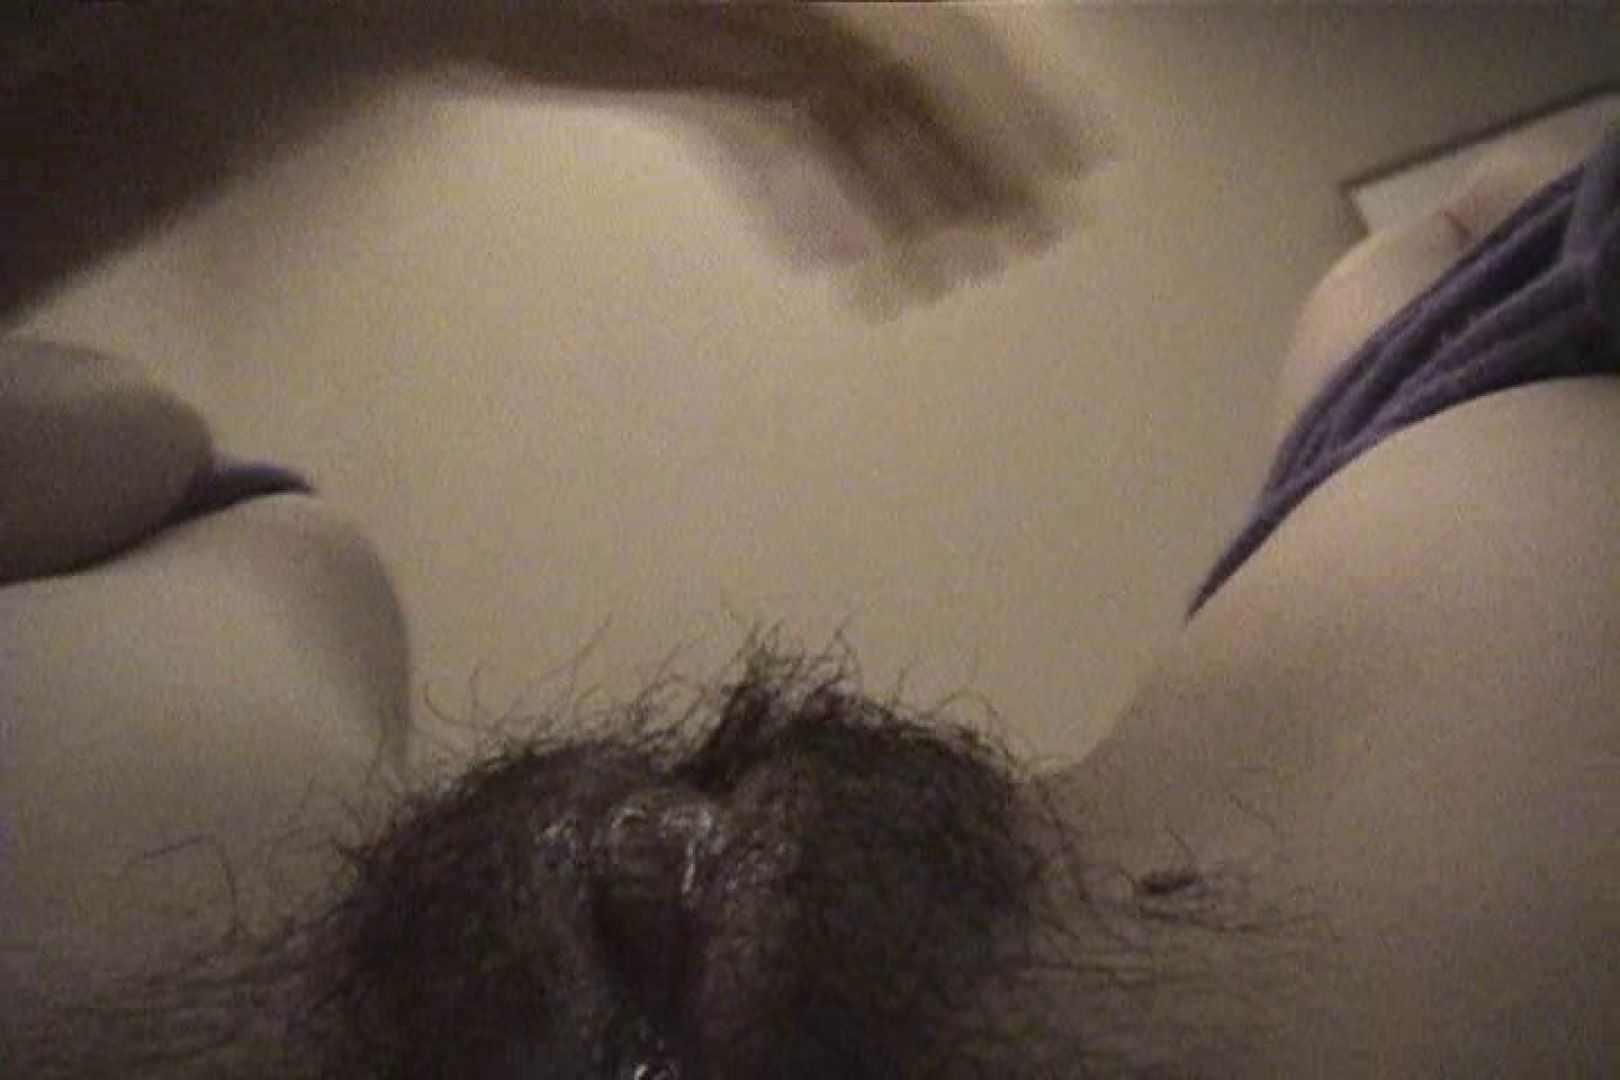 歯科衛生士バージンアラサー30歳まきVol.1 OLセックス  75画像 50